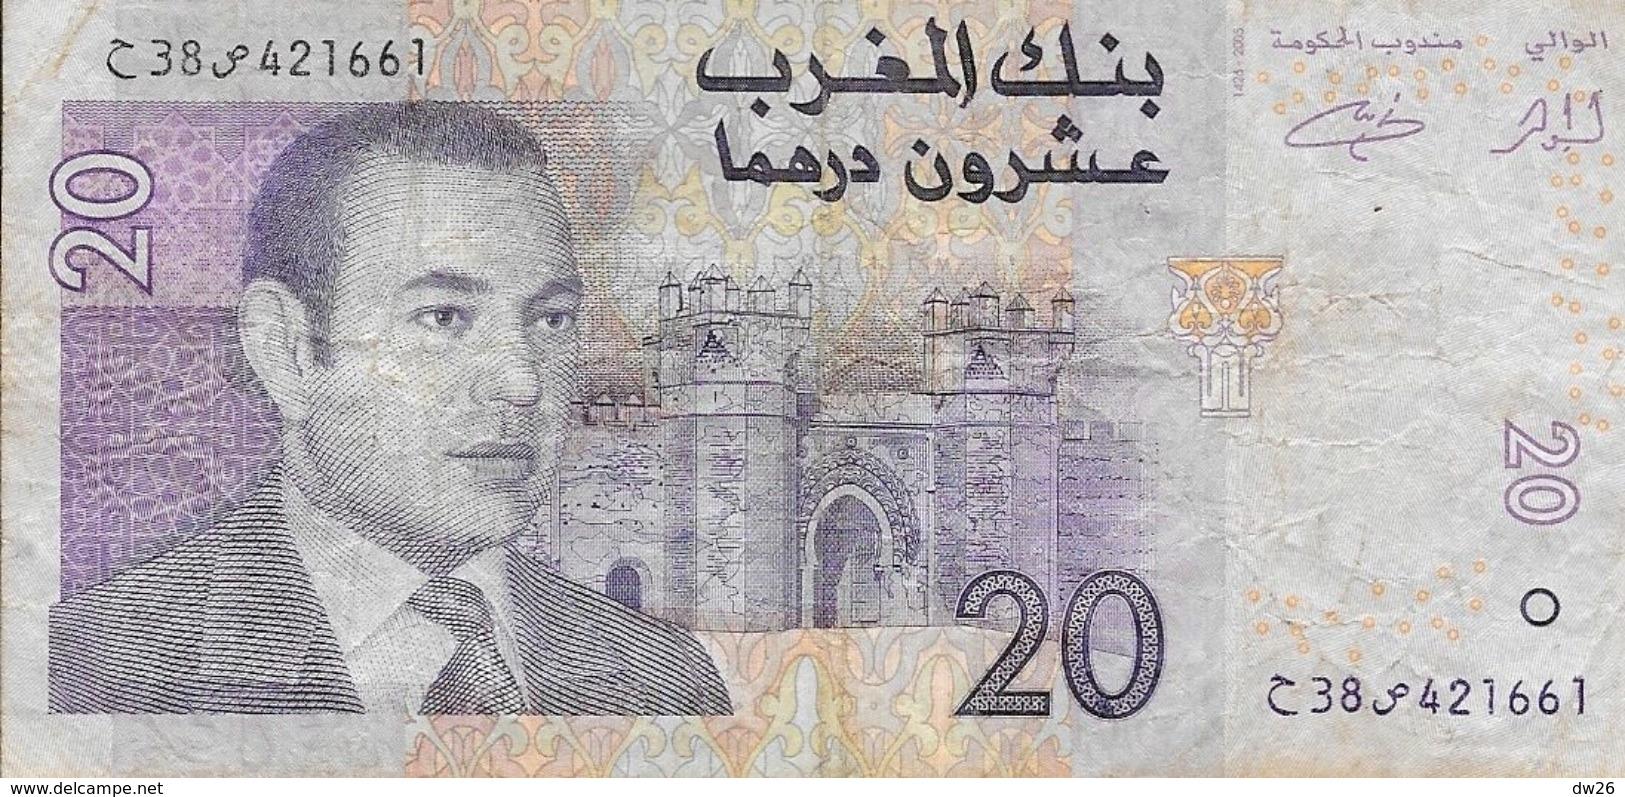 Maroc - Billet 20 Vingt Dirhams - Mohamed VI - 1426-2005 - Maroc